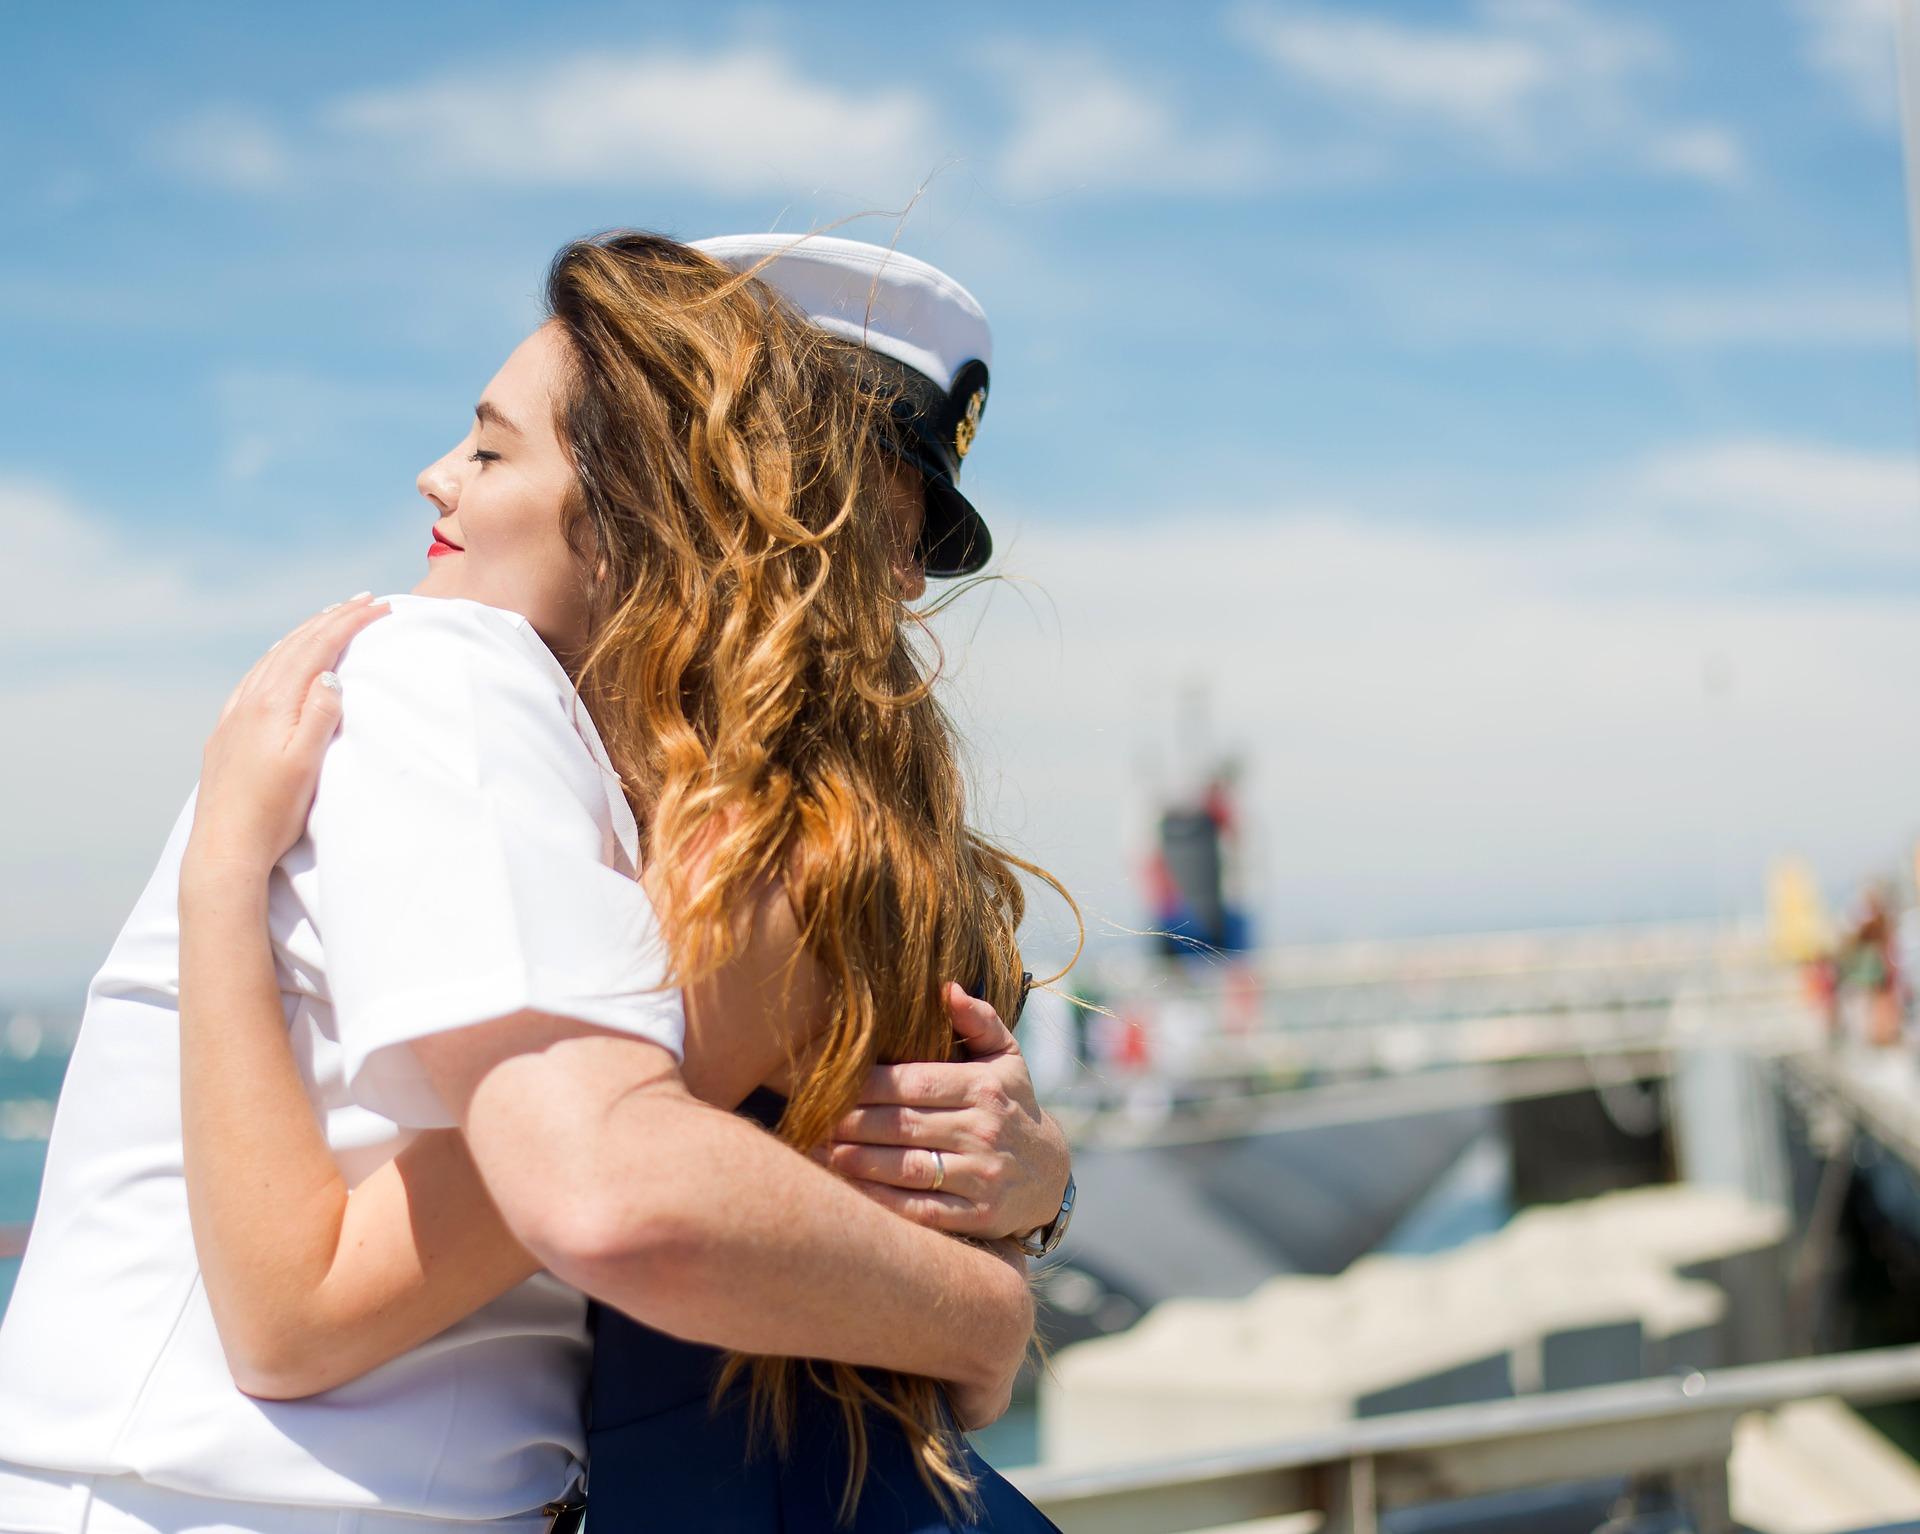 naval sailor embracing wife